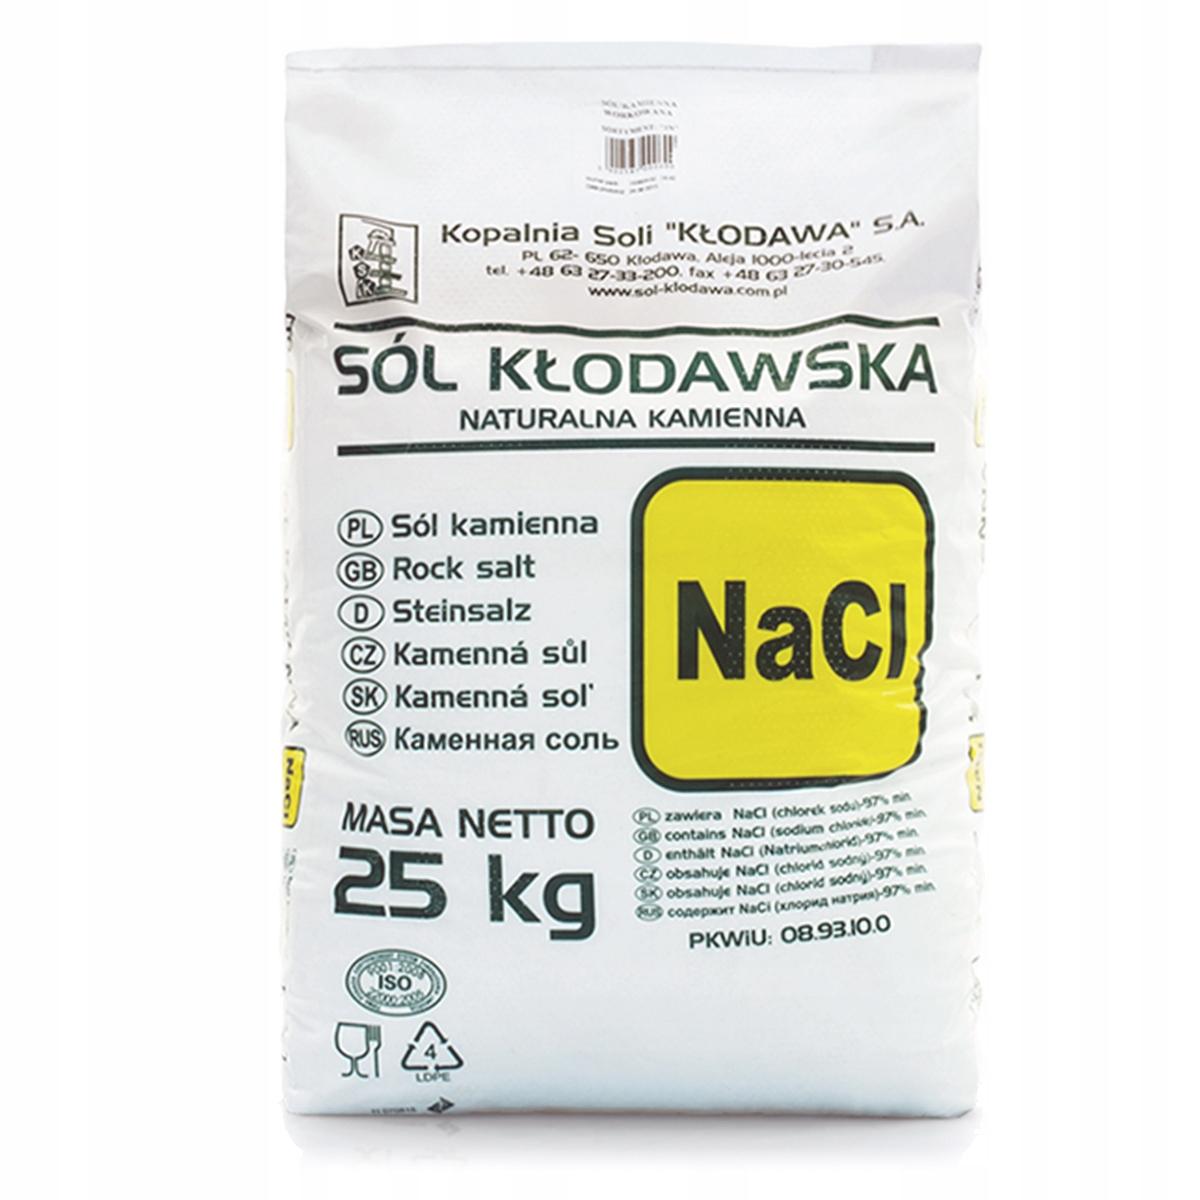 Klodawsky SOĽ pochádza z jemne zrnitou biela 25 kg vrece